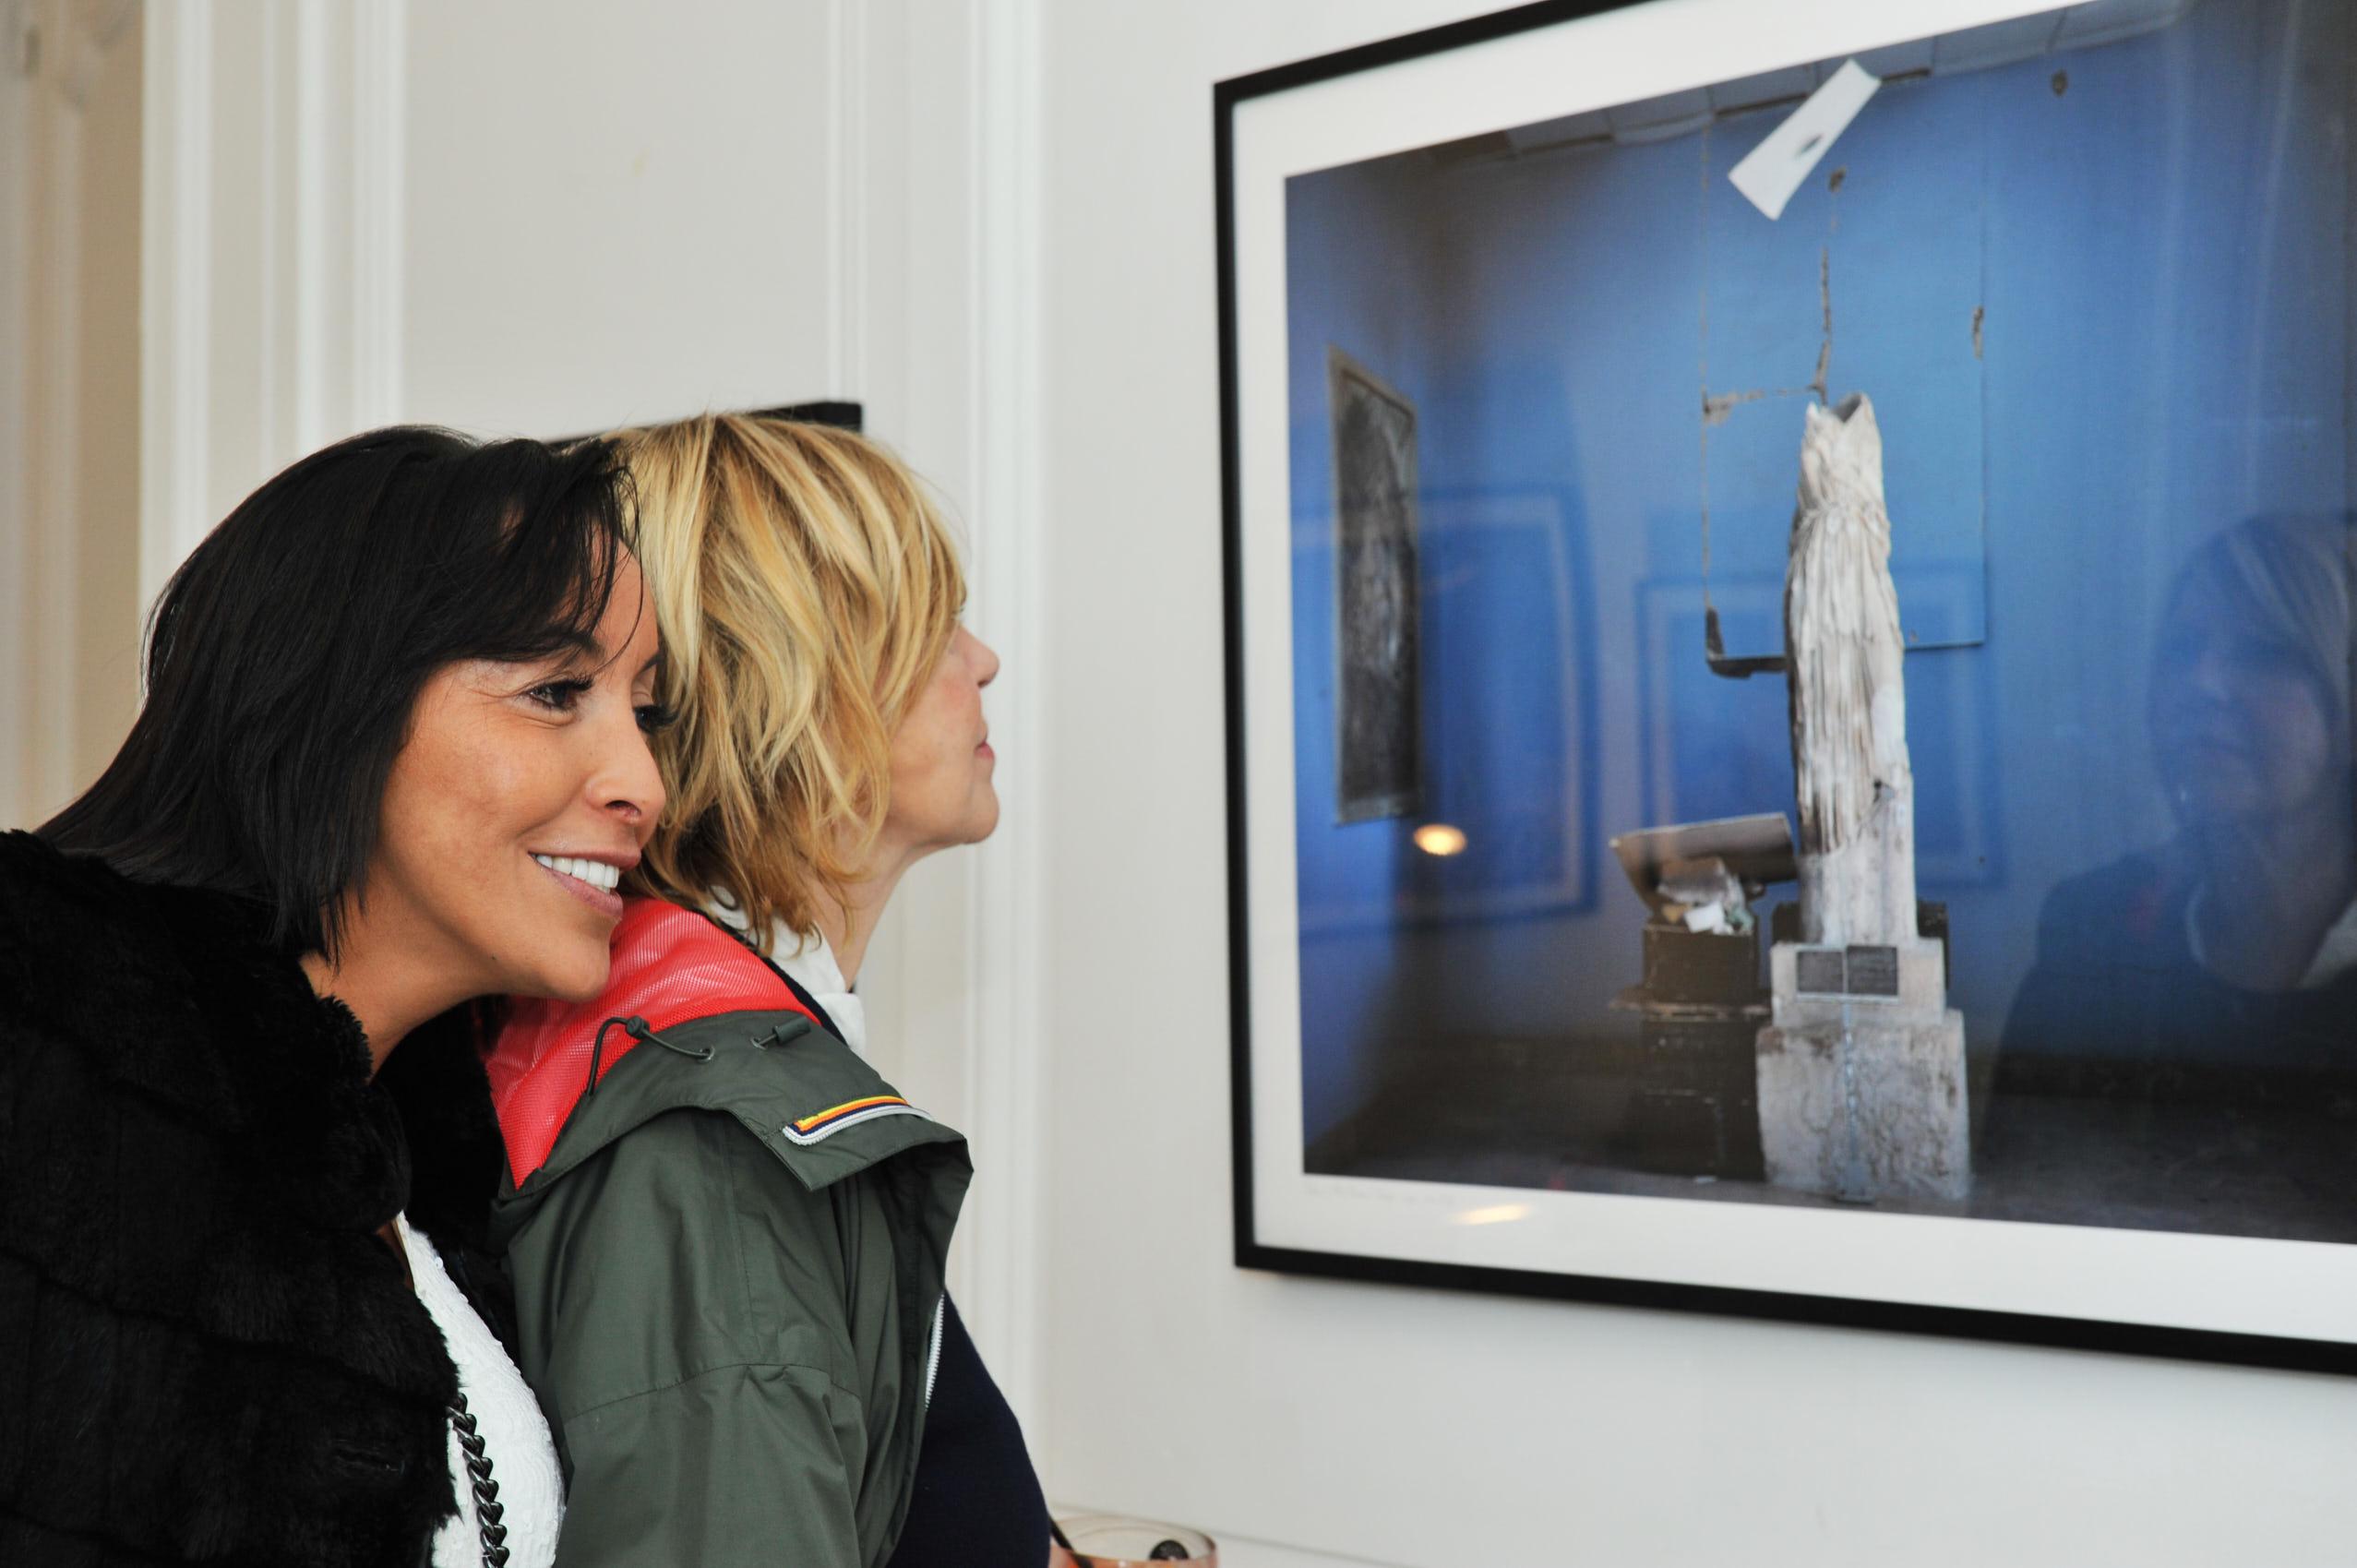 Christie Blanc & Chantal Ladesou